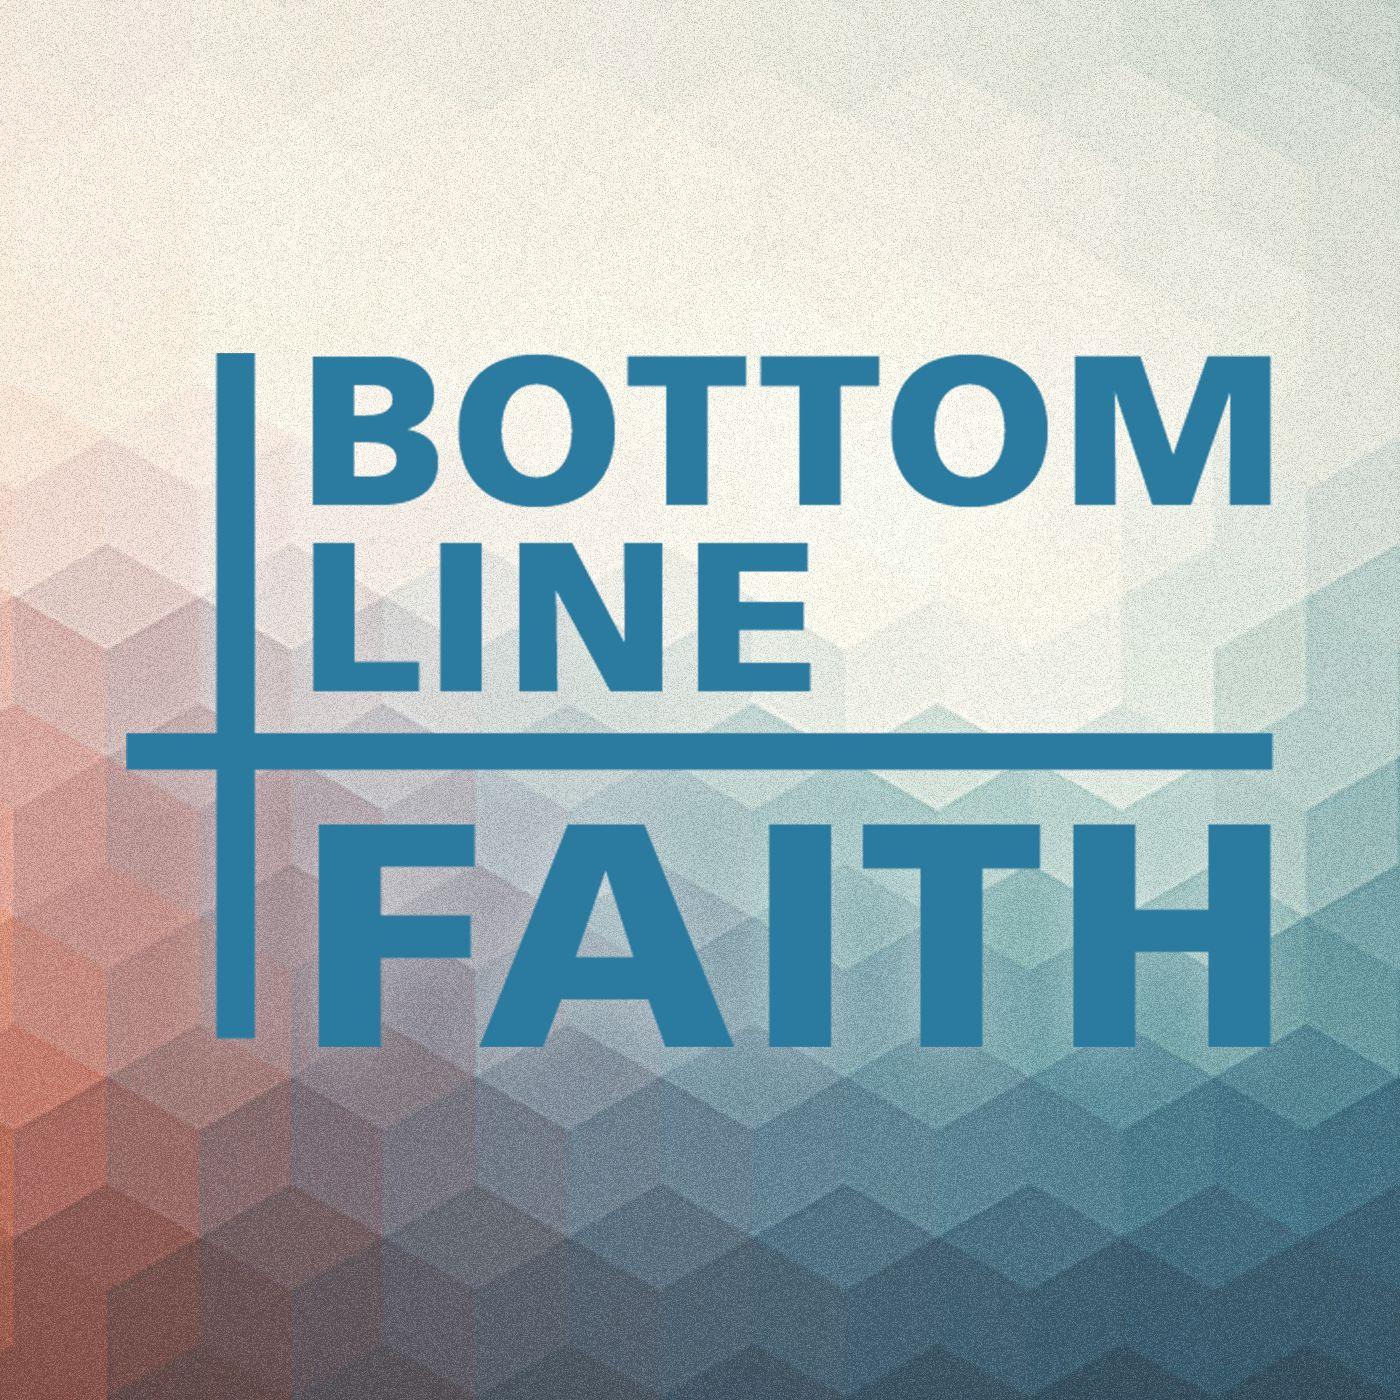 bottom line faith logo.jpg